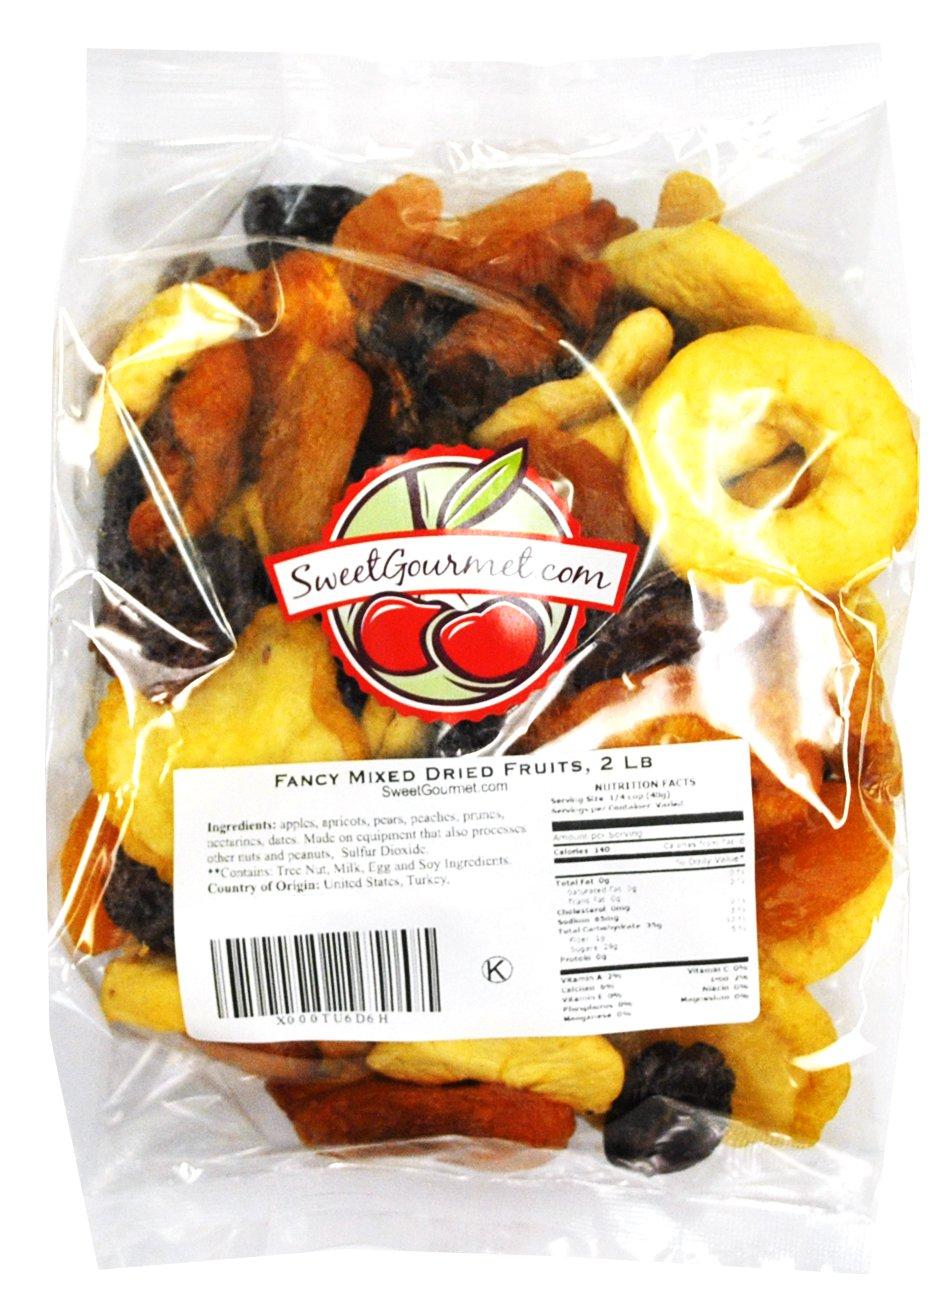 Fancy Mixed Dried Fruits, (2 lb Mixed Fruits) by Green Bulk